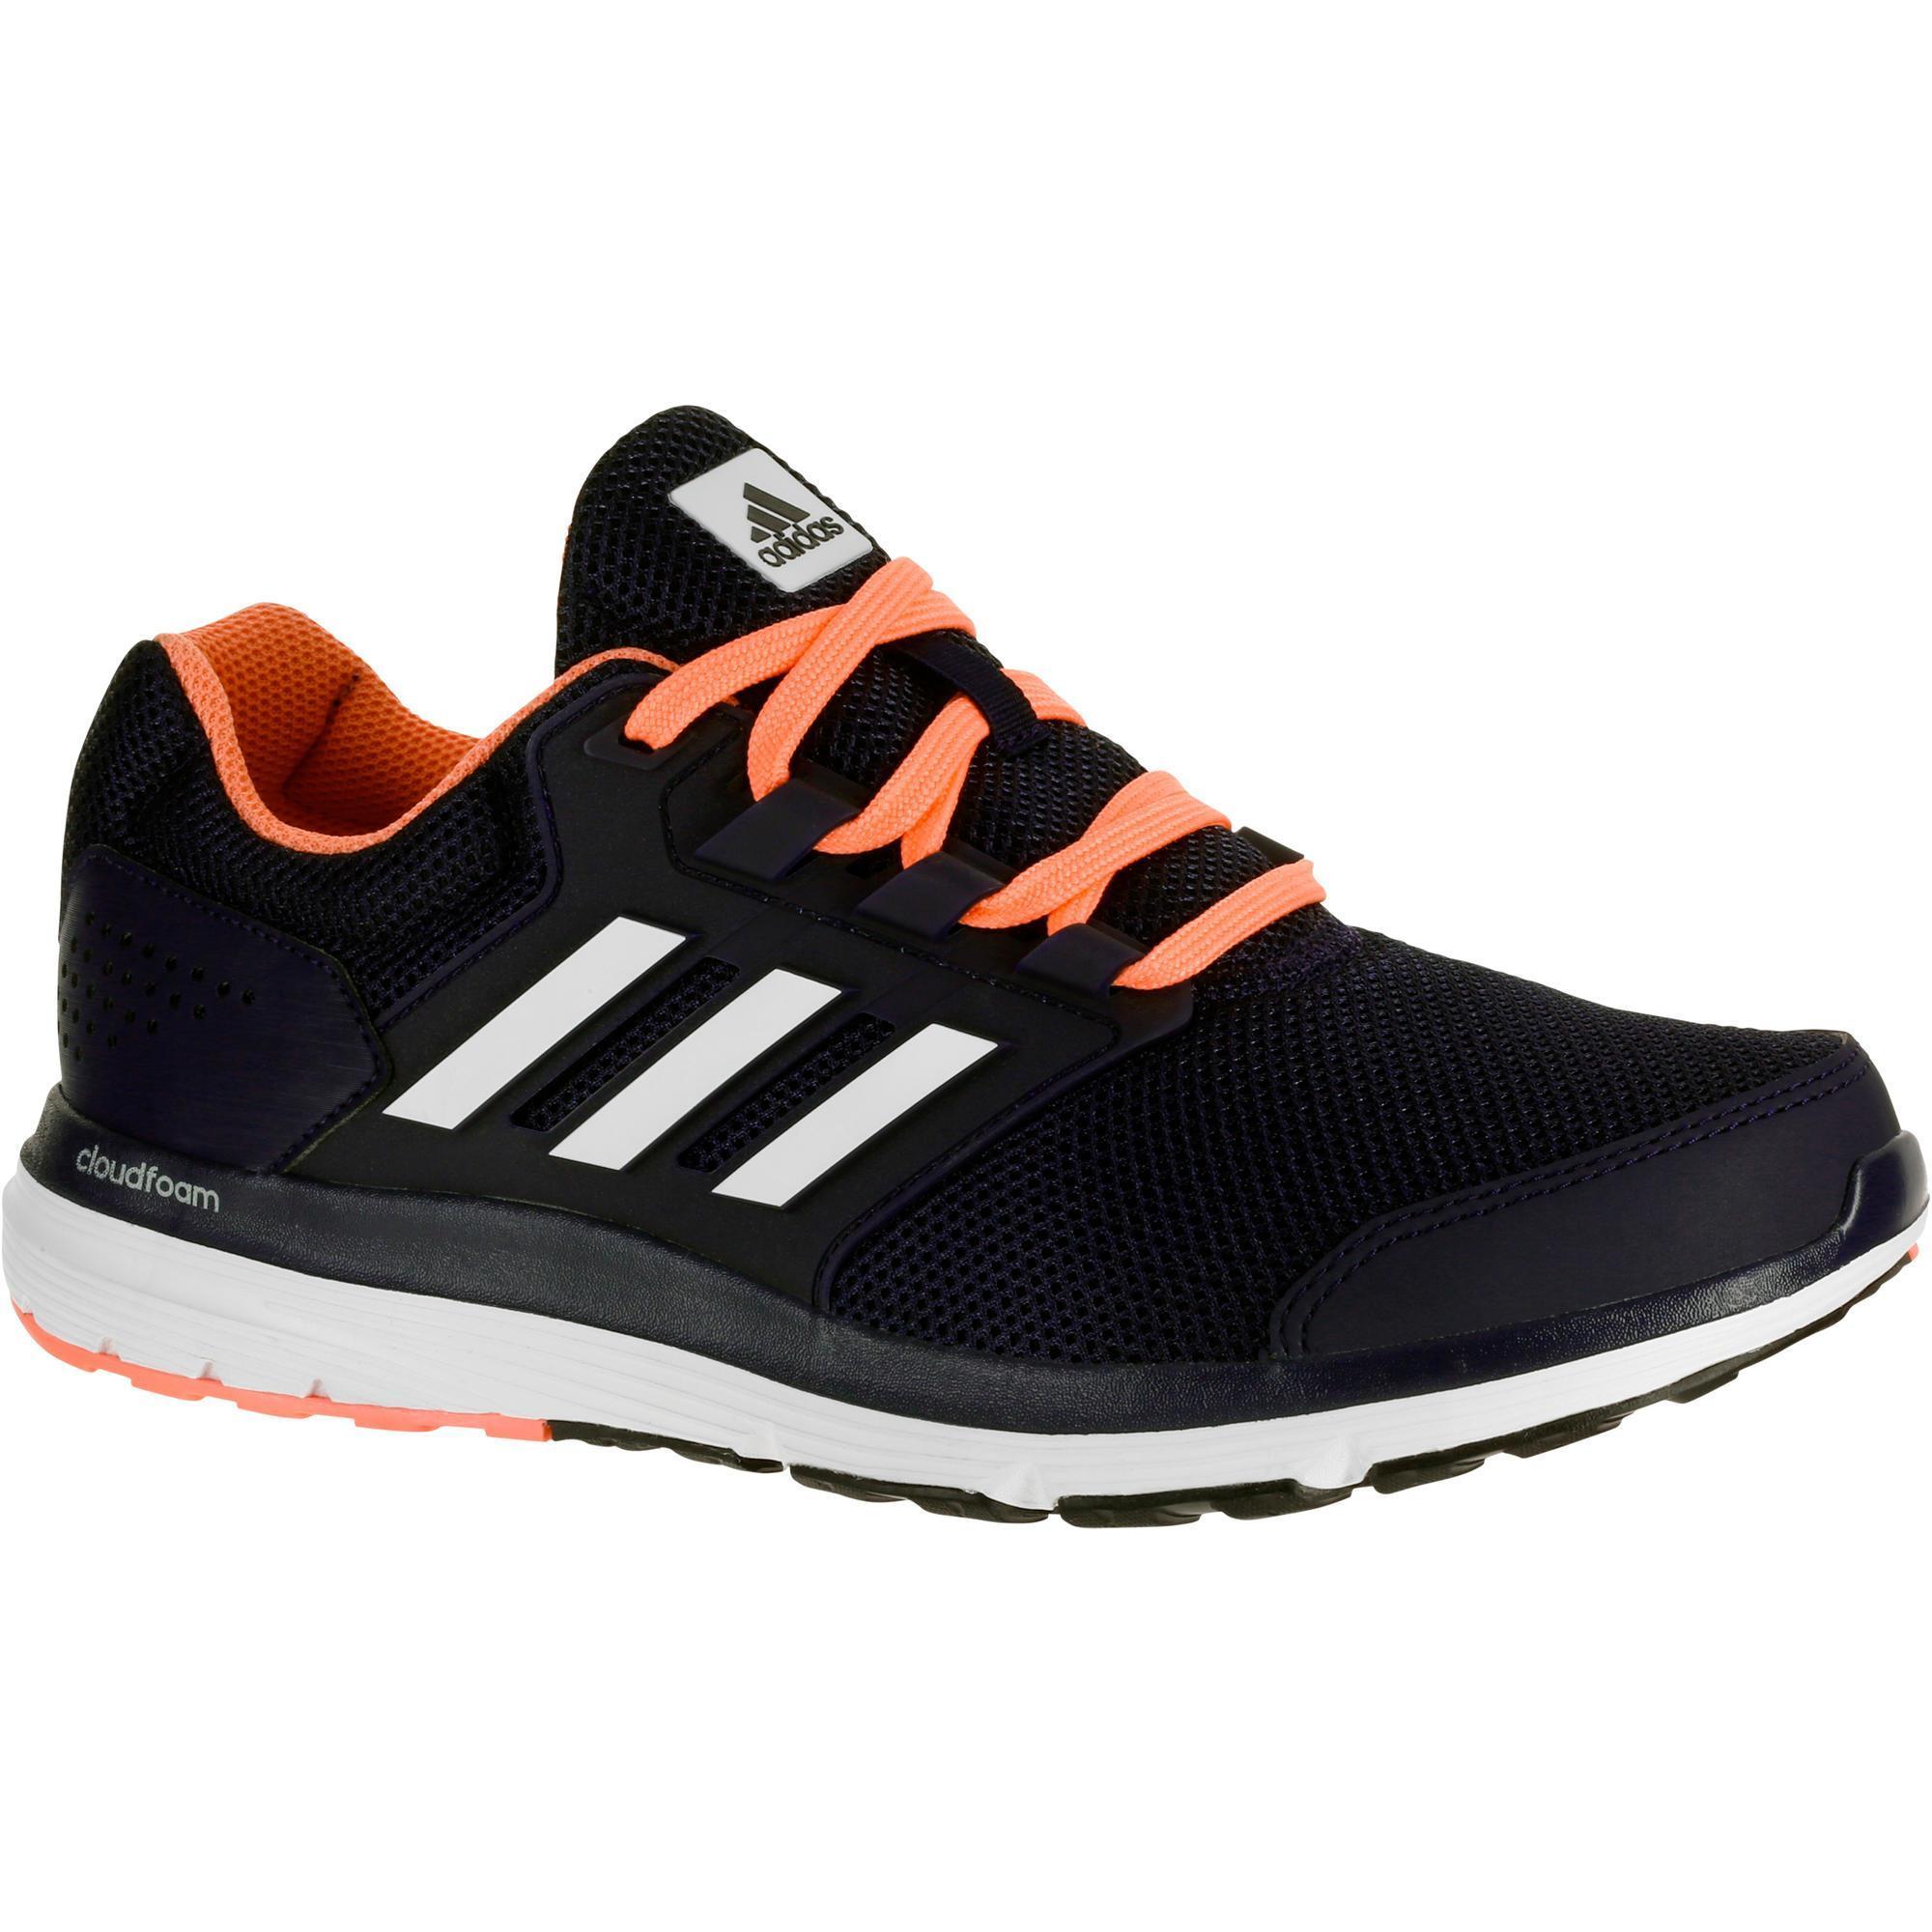 Adidas Hardloopschoenen voor dames Adidas Galaxy 4 zwart